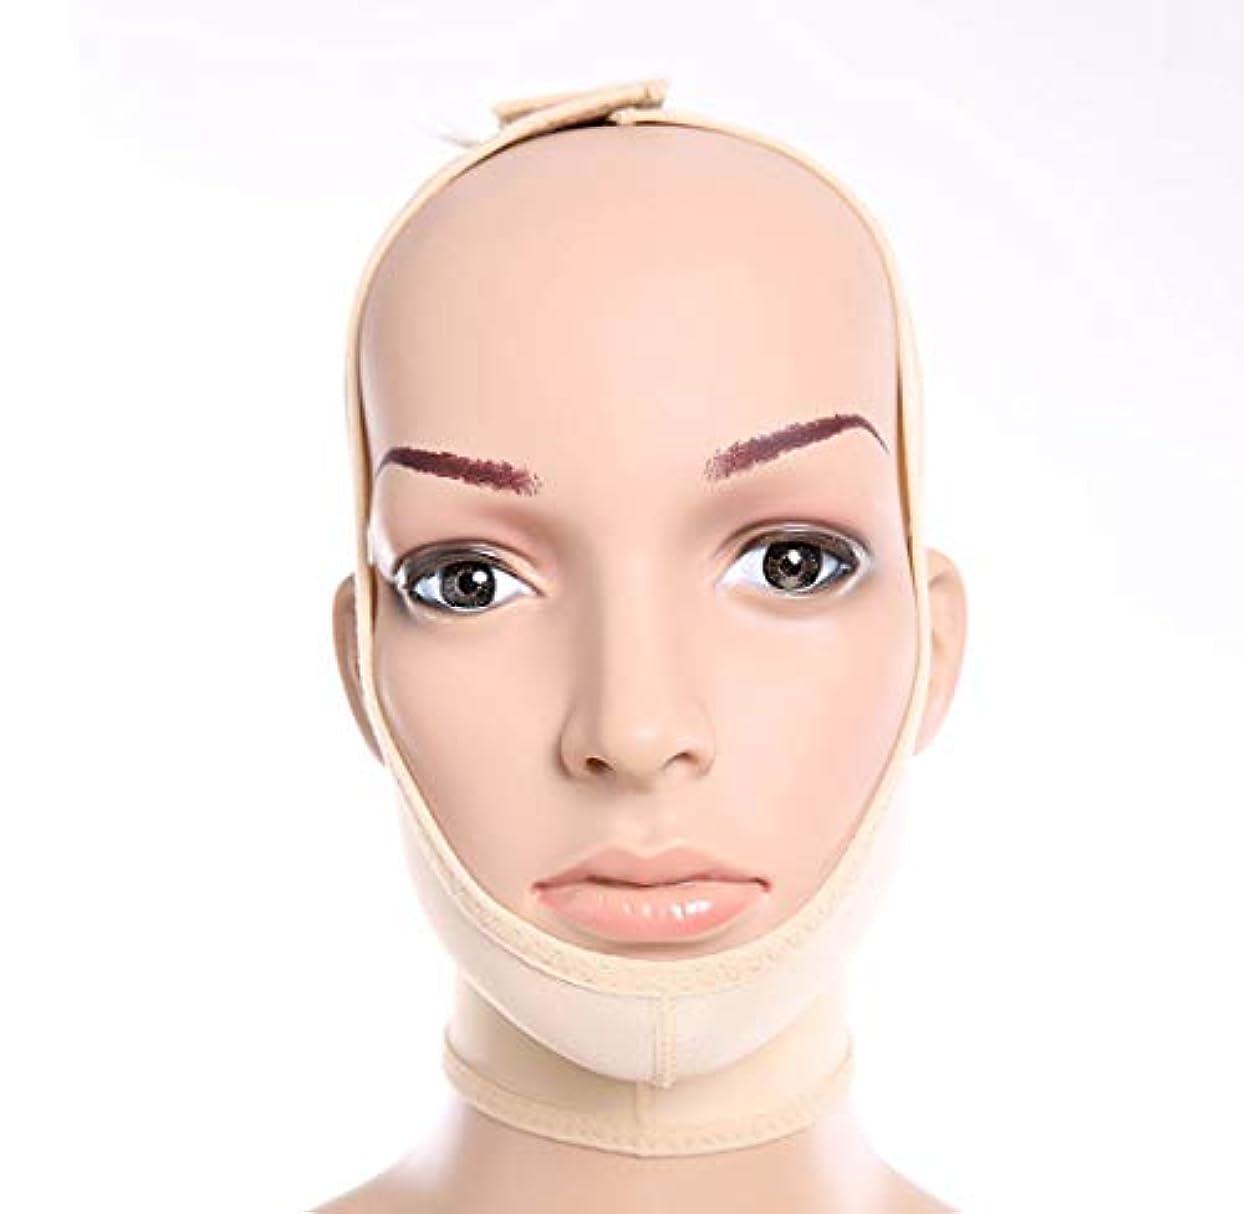 ペンフレンドなめらかな比類なきGLJJQMY 顔と首リフト減量術後弾性スリーブジョーフェイスアーティファクトVフェイスフェイシャルビームダブルチンシンフェイスウィッグ 顔用整形マスク (Size : XS)